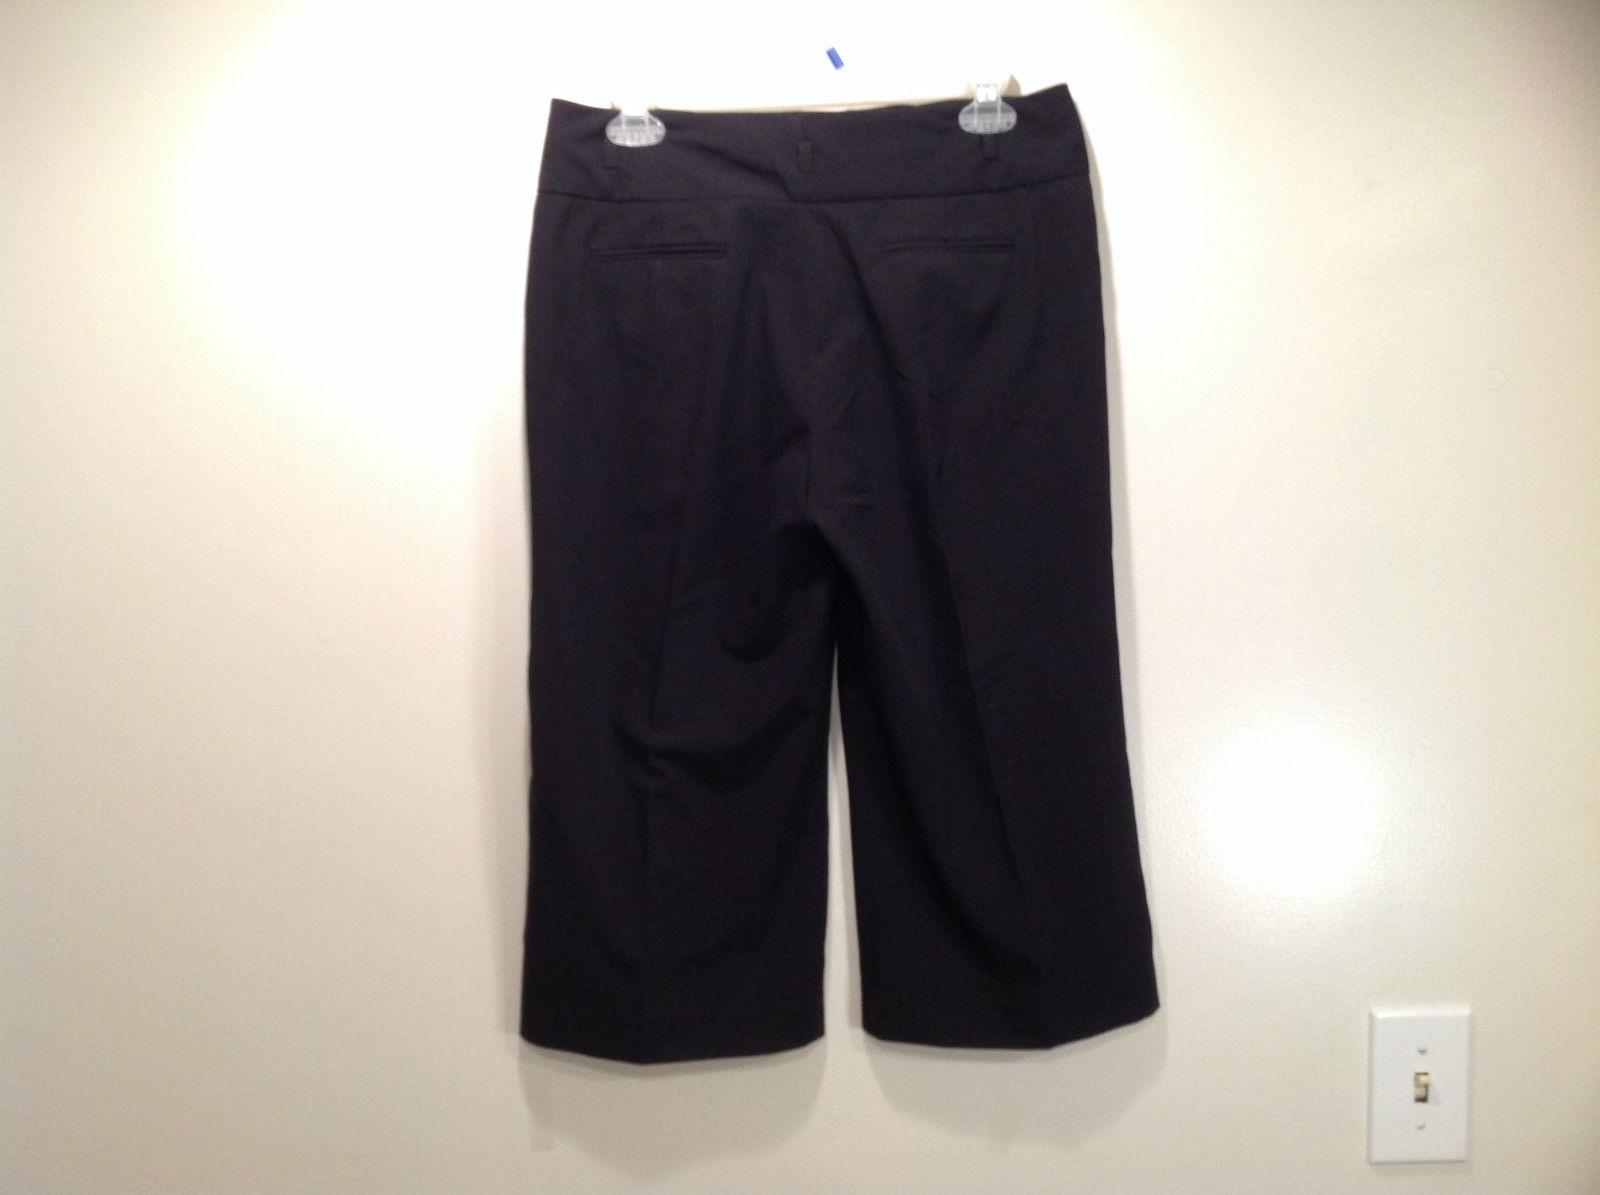 Larry Levine Petite Stretch Size 8P Black Capri Pants Excellent Condition